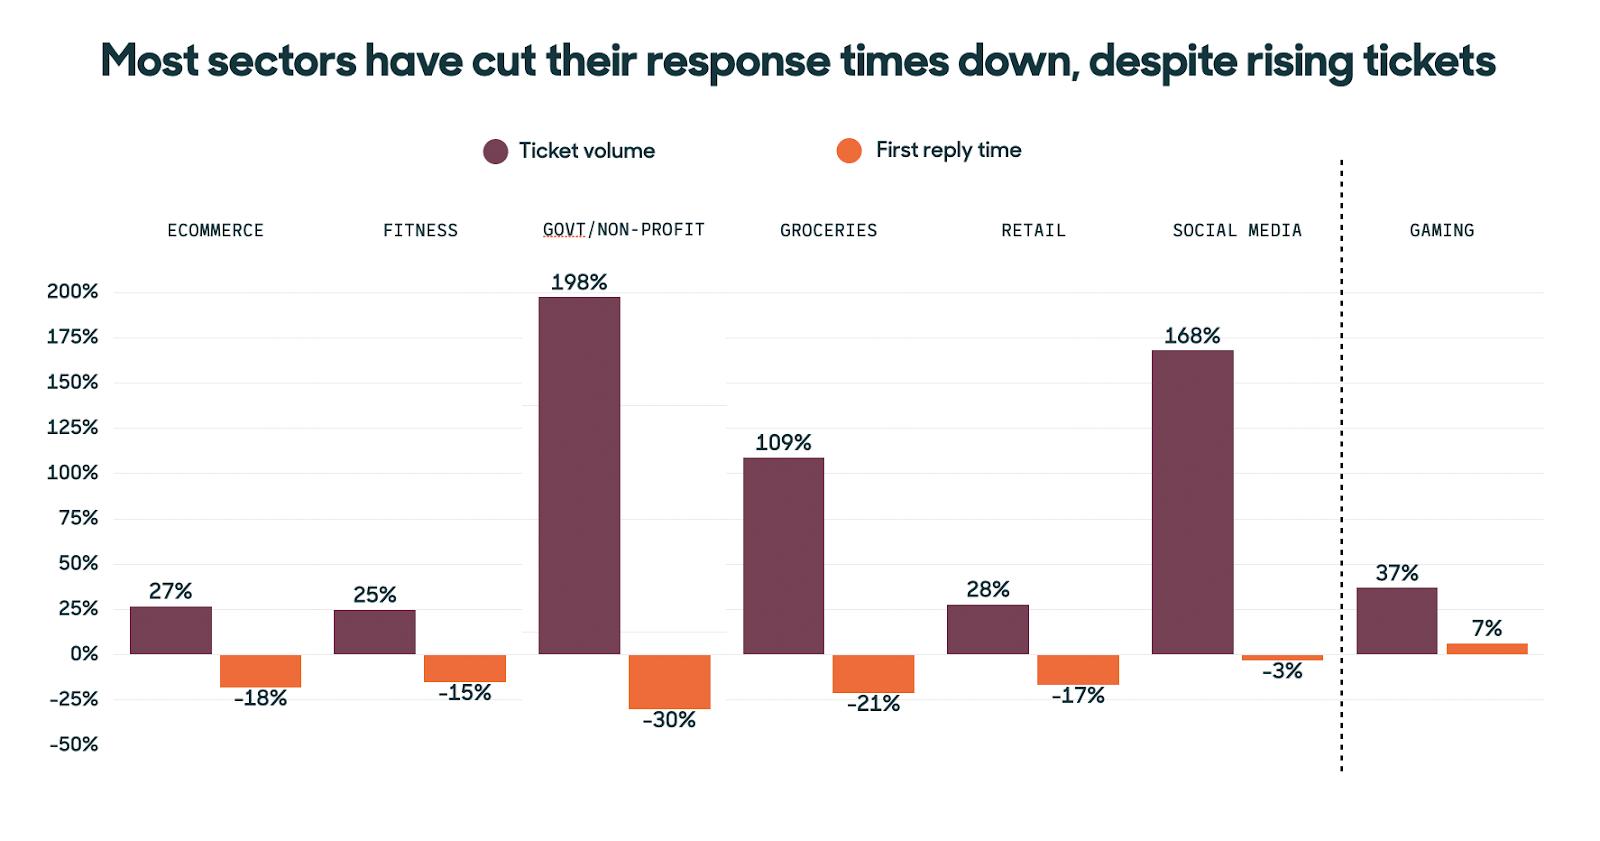 response time down